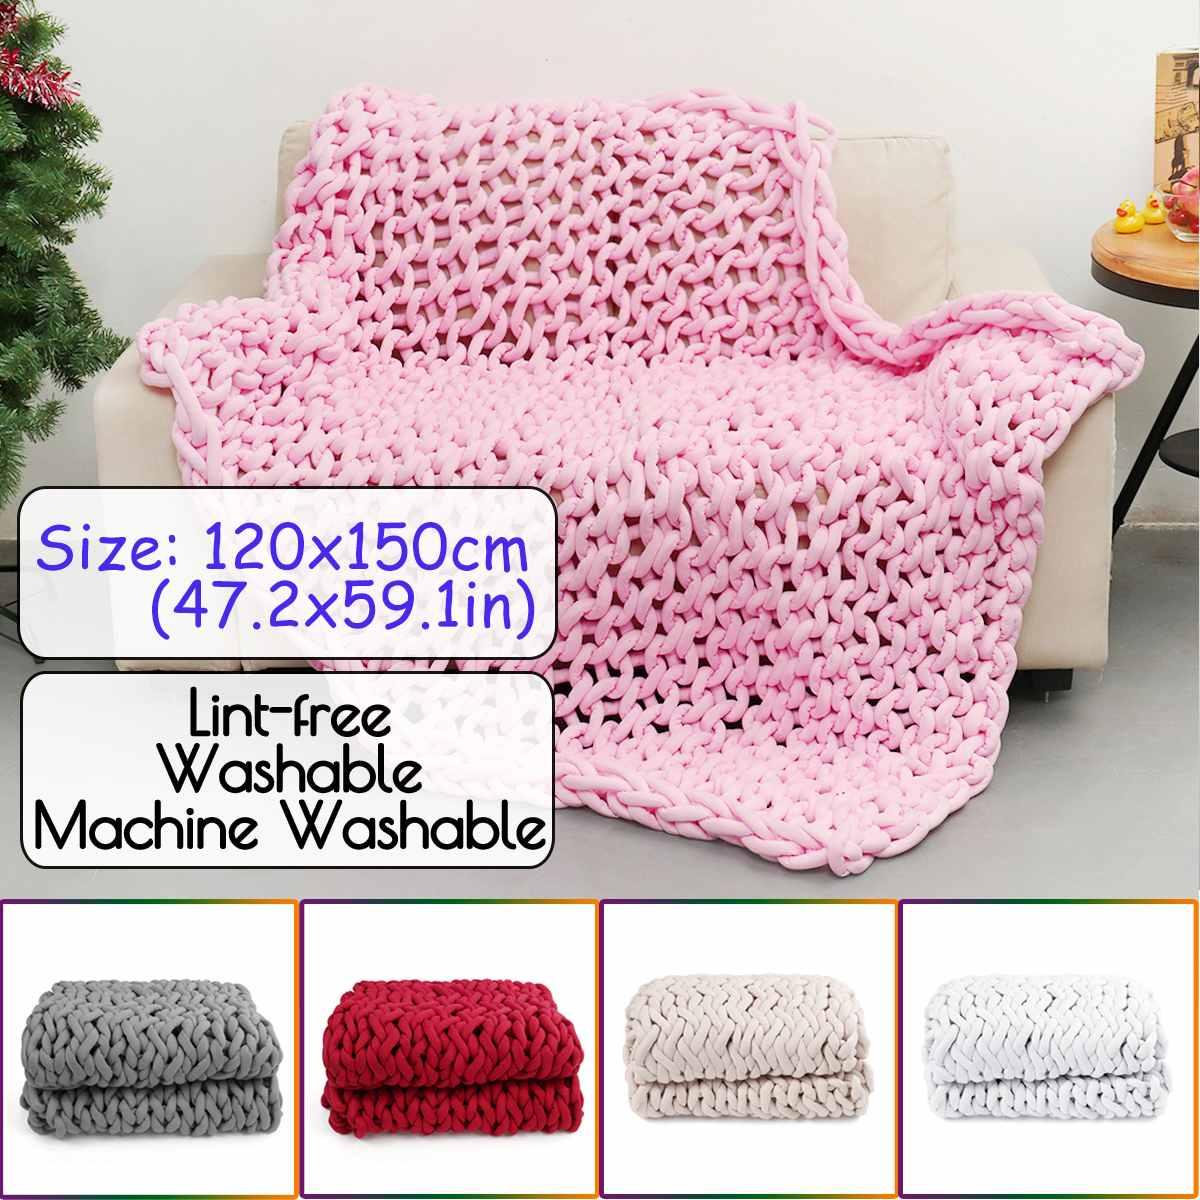 120x150 см вязаное одеяло для дивана ручной работы, мягкое теплое толстое Хлопковое одеяло, зимнее элегантное уютное теплое постельное белье - 6